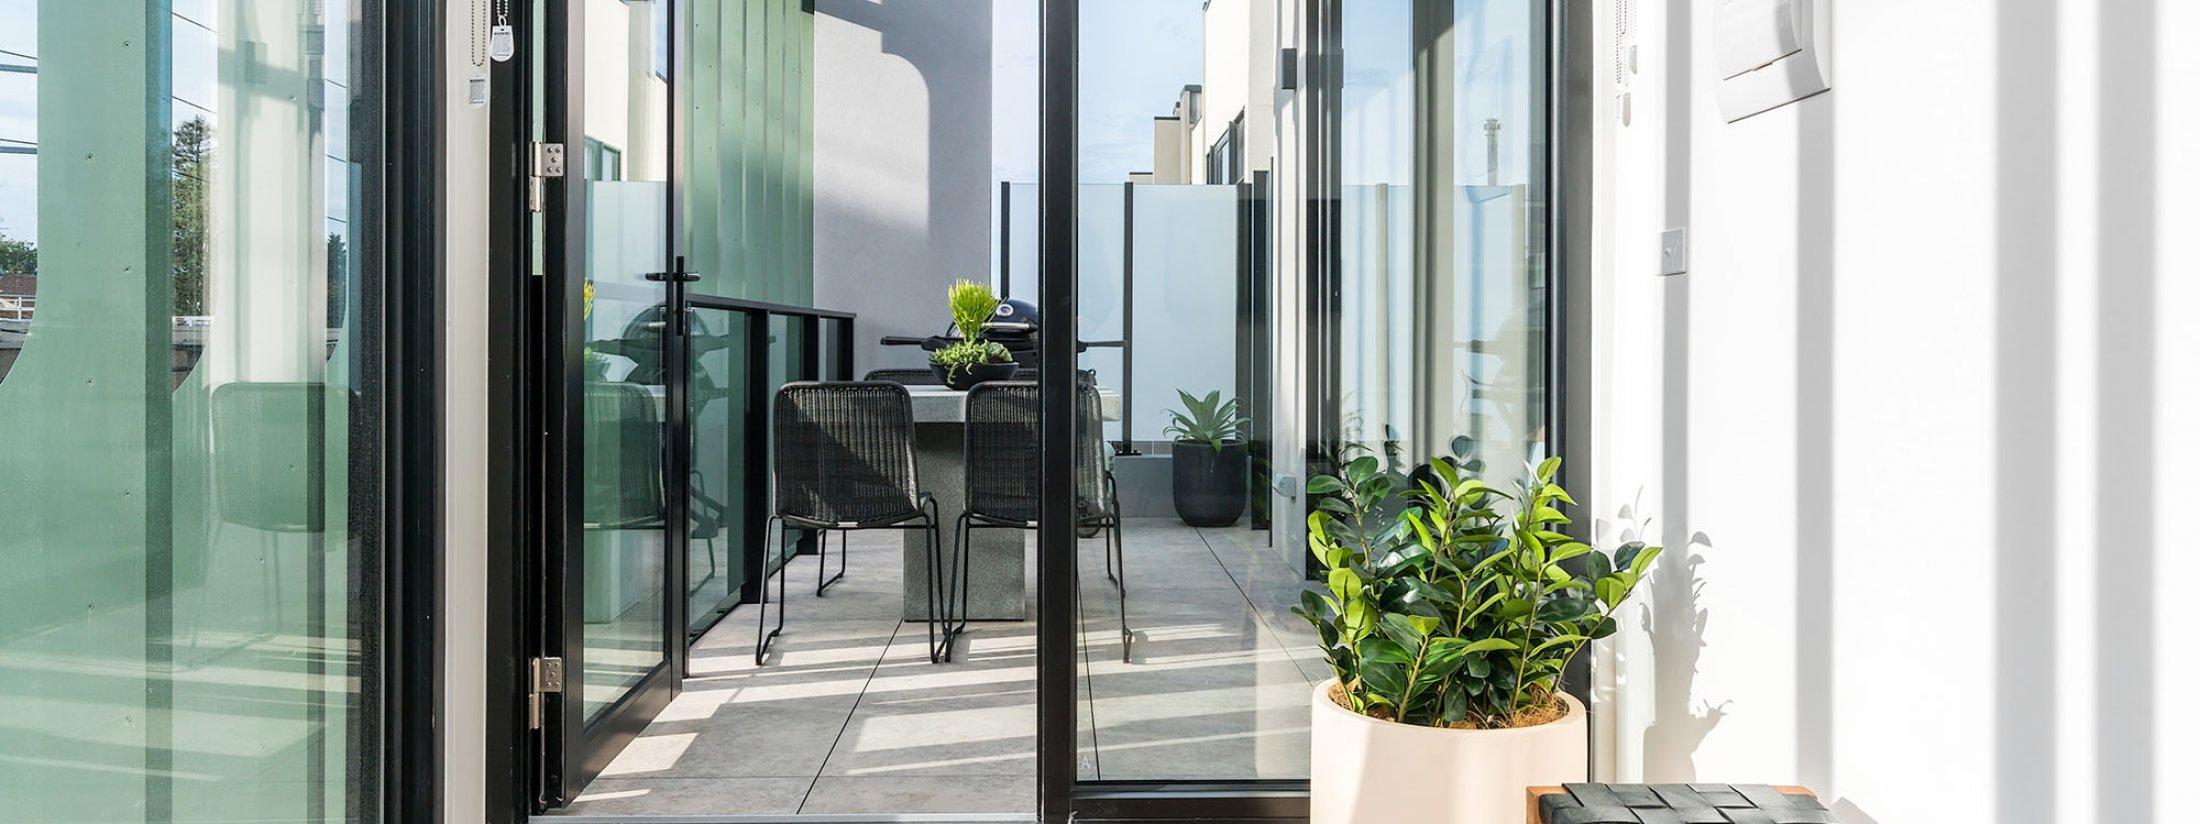 Axel Apartments - The Clarke - Glen Iris - Living towards Balcony b